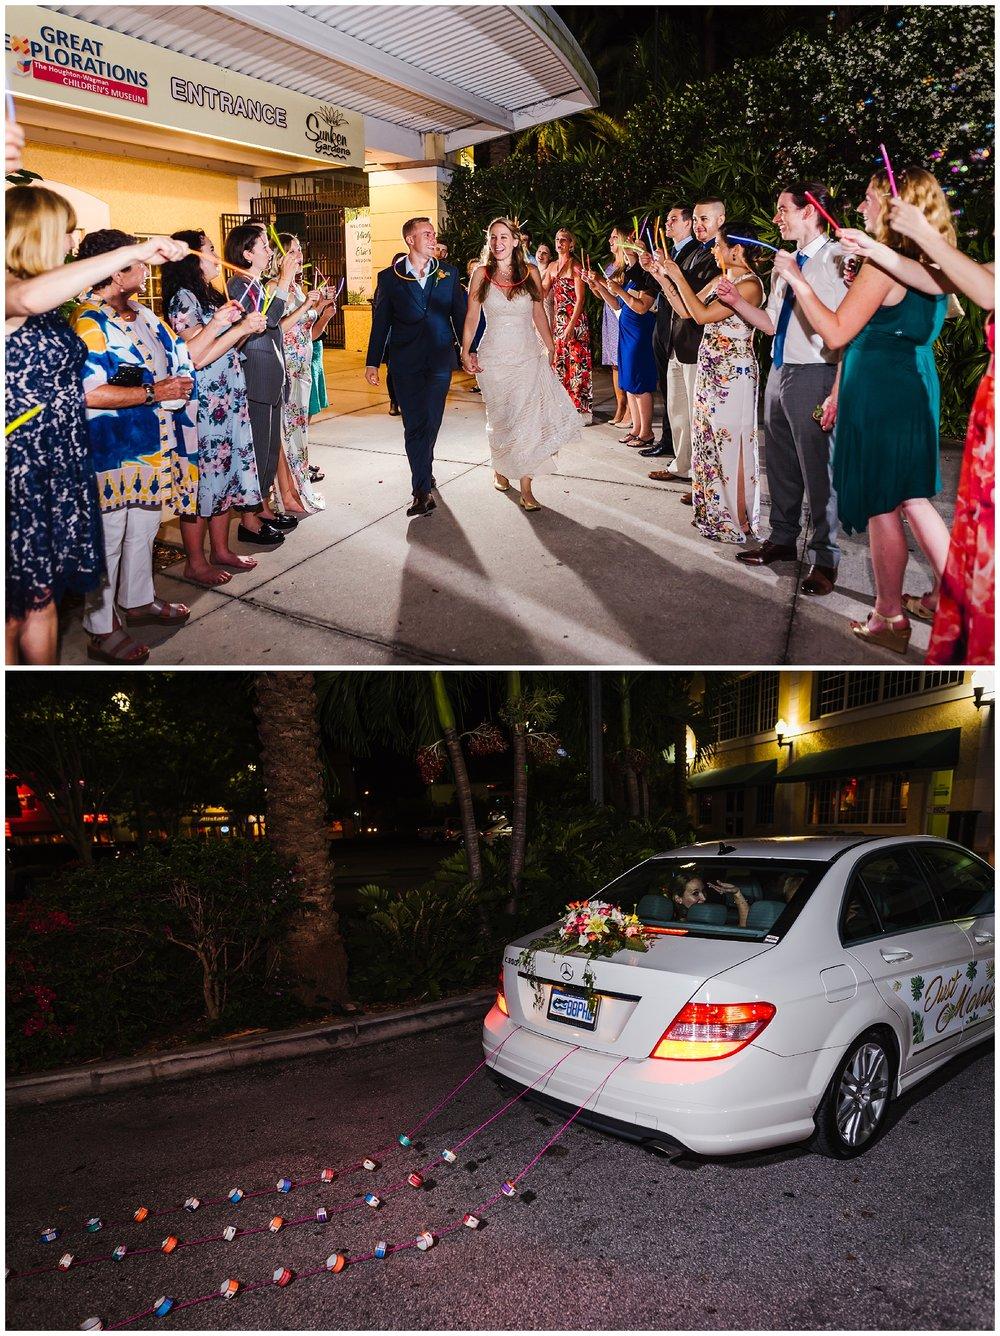 st-pete-wedding-photographer-post-card-inn-sunken-gardens-hawaiian-theme-dueling-pianos_0060.jpg